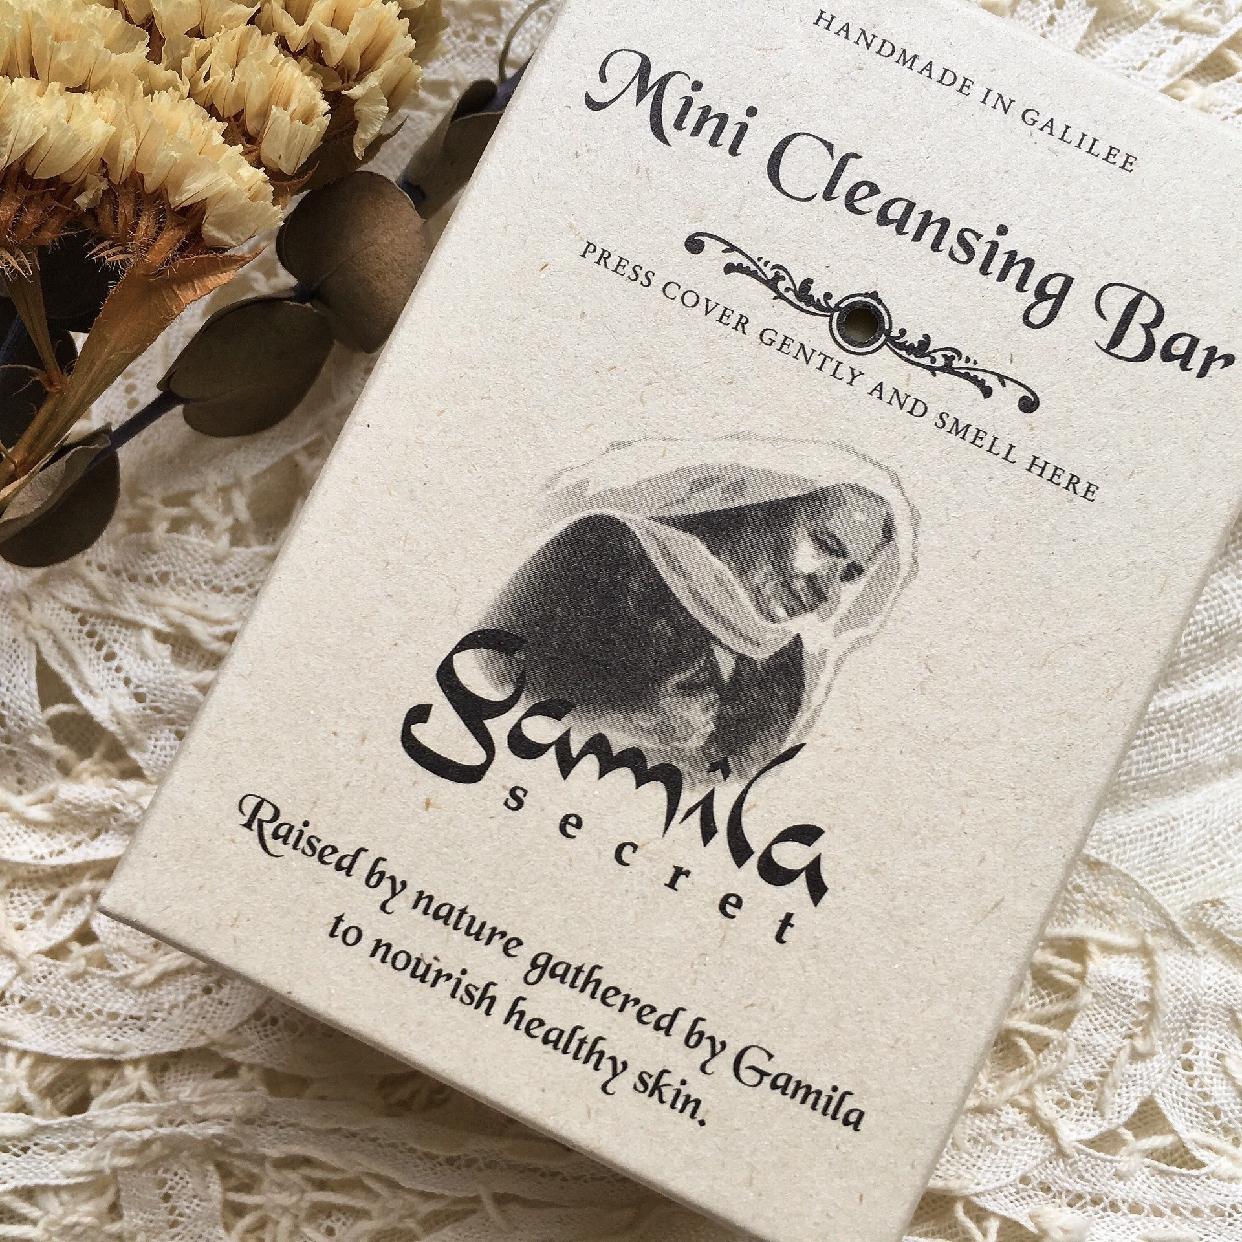 Gamila secret(ガミラシークレット)ソープを使った梅ちゃんさんのクチコミ画像7